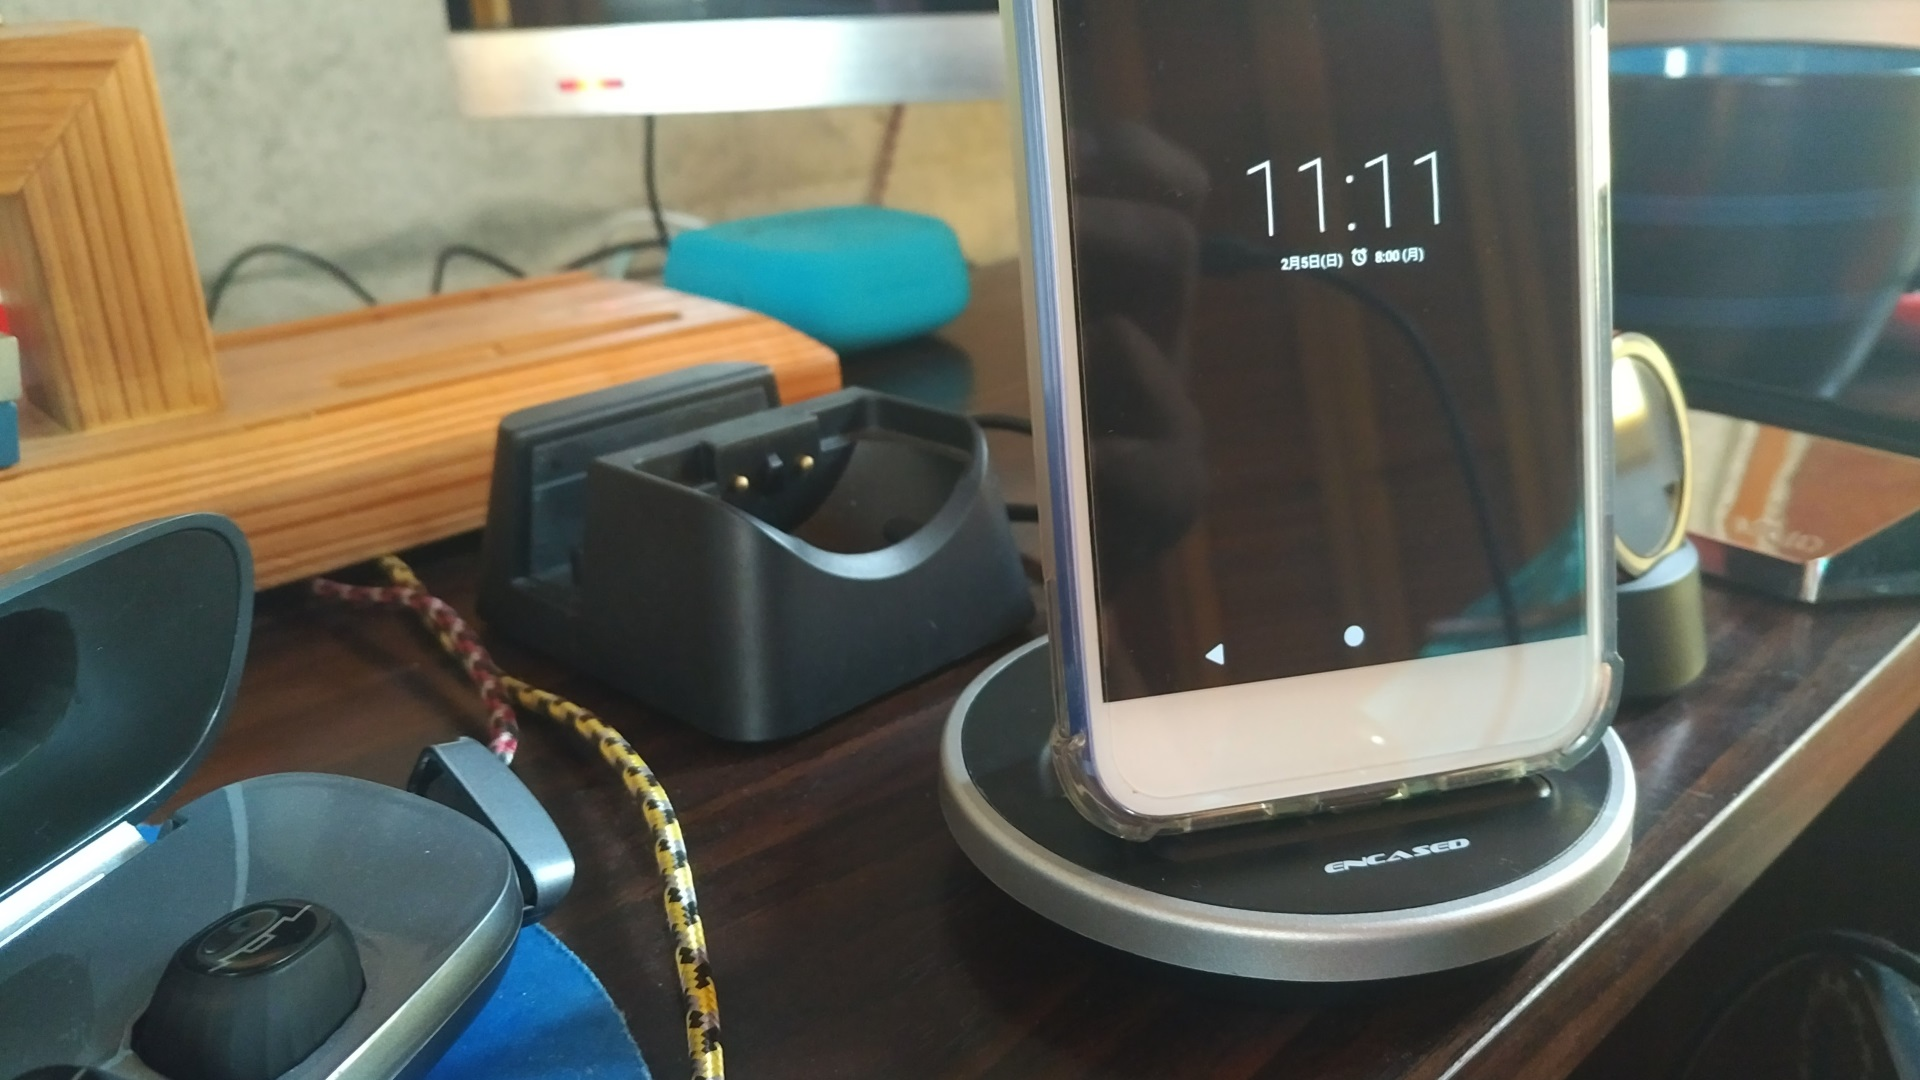 【レビュー】USB Type-Cスマートフォン用充電ドック「ENCASED Sync & Charge Dock」、常用問題なしの良製品でした